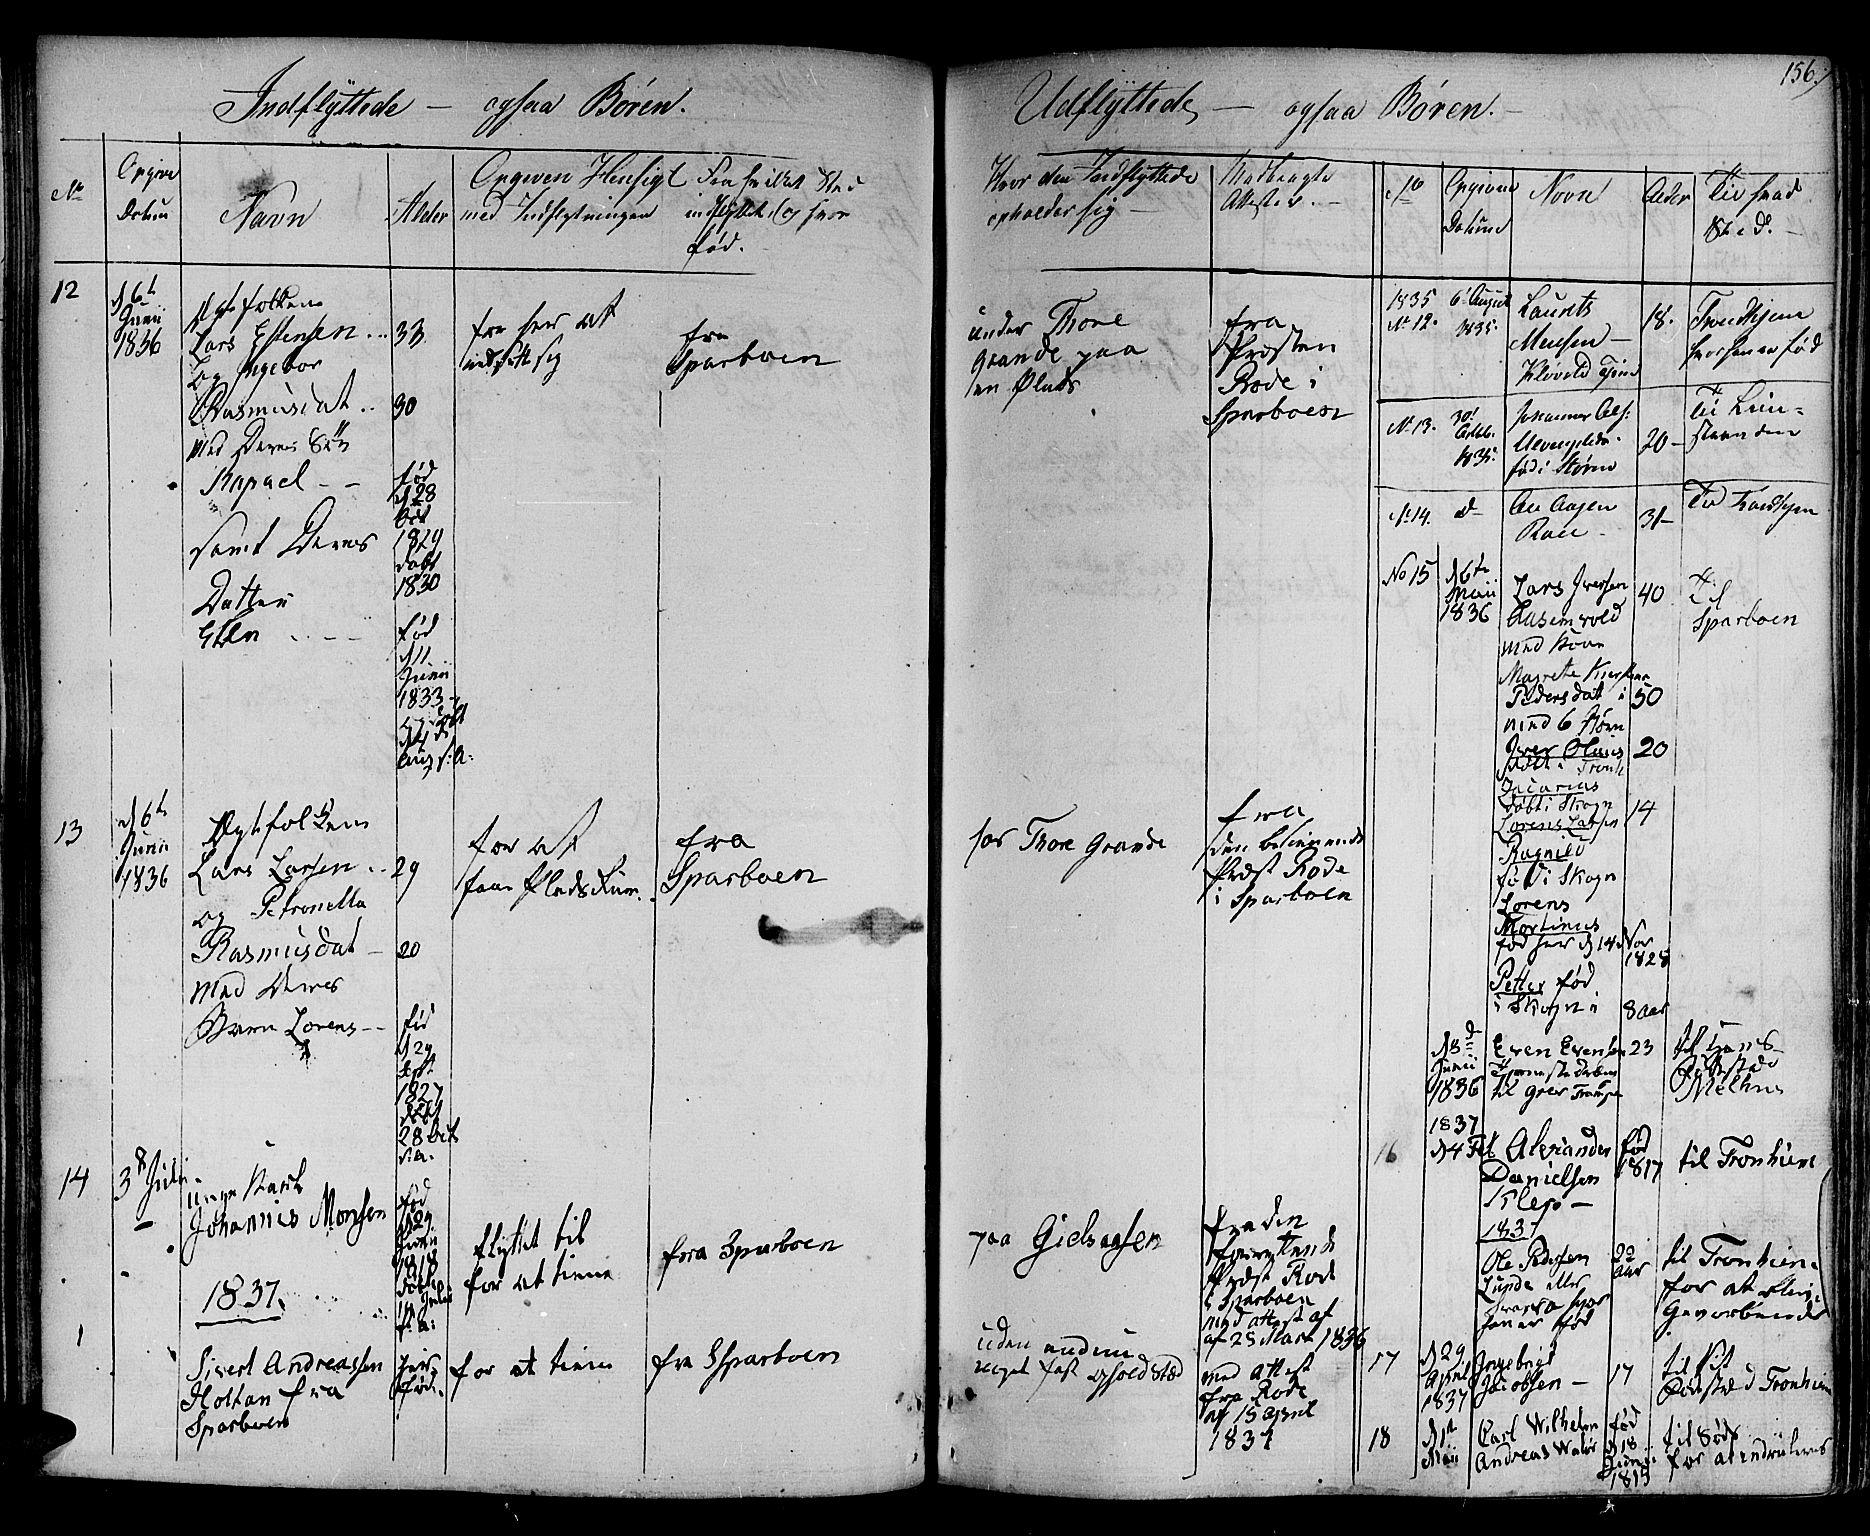 SAT, Ministerialprotokoller, klokkerbøker og fødselsregistre - Nord-Trøndelag, 730/L0277: Ministerialbok nr. 730A06 /1, 1830-1839, s. 156